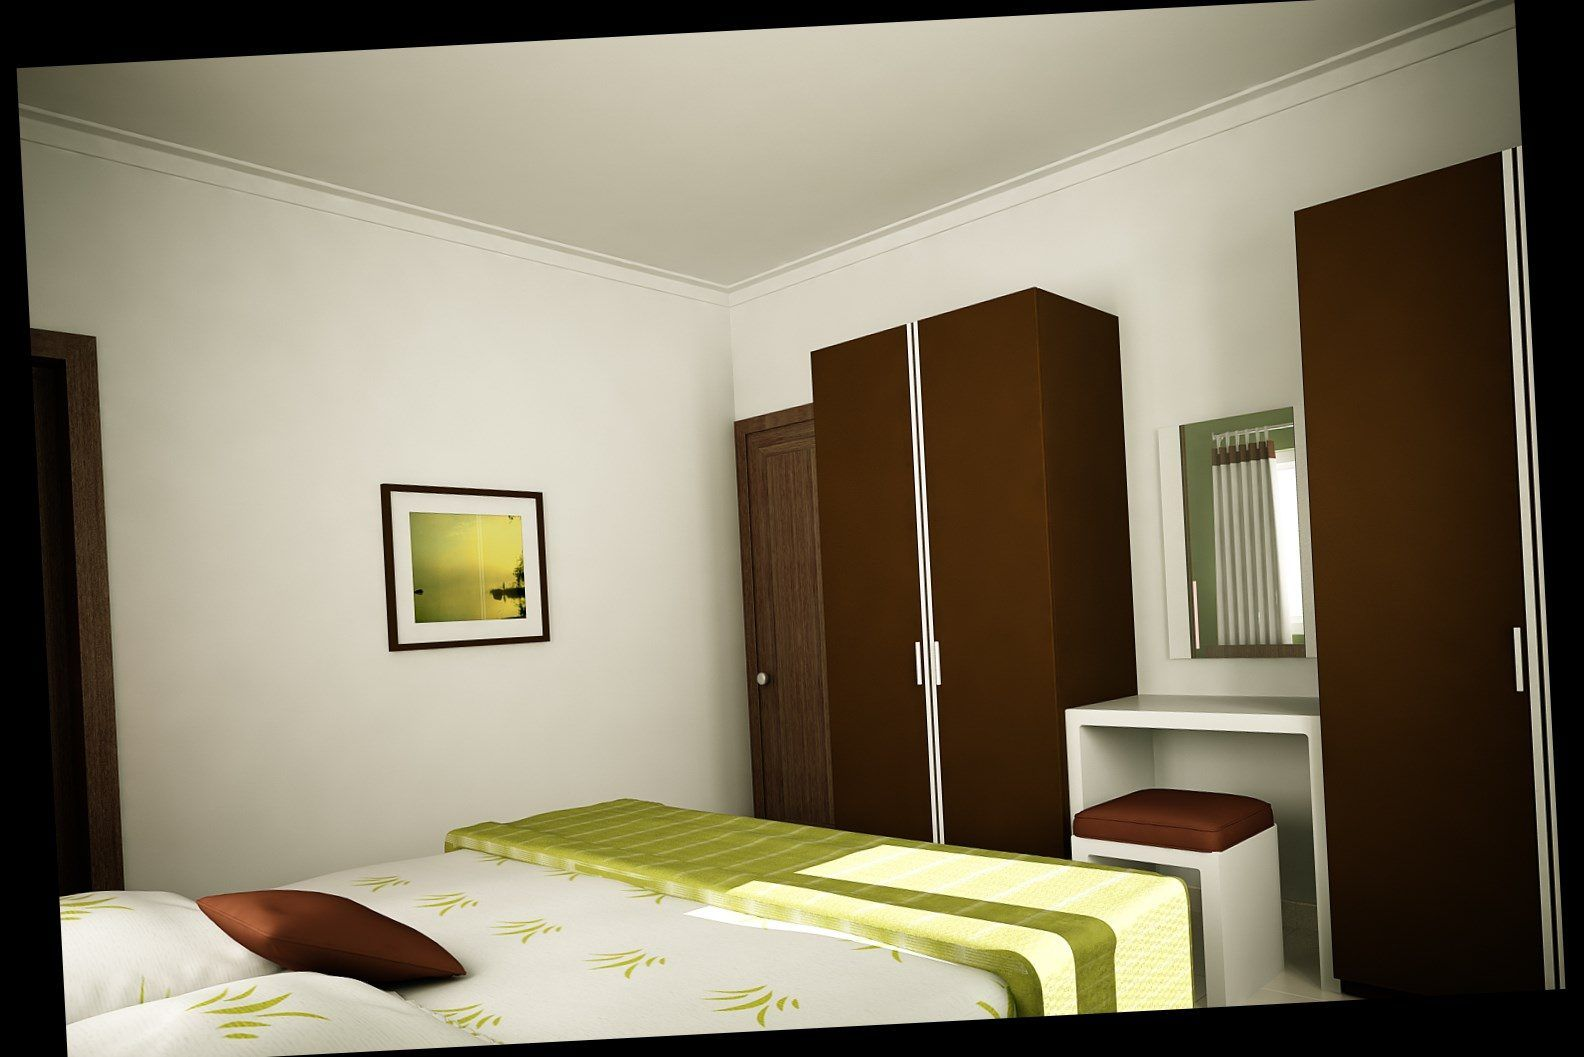 Bedroom designer tool - https://bedroom-design-2017.info/interior ...